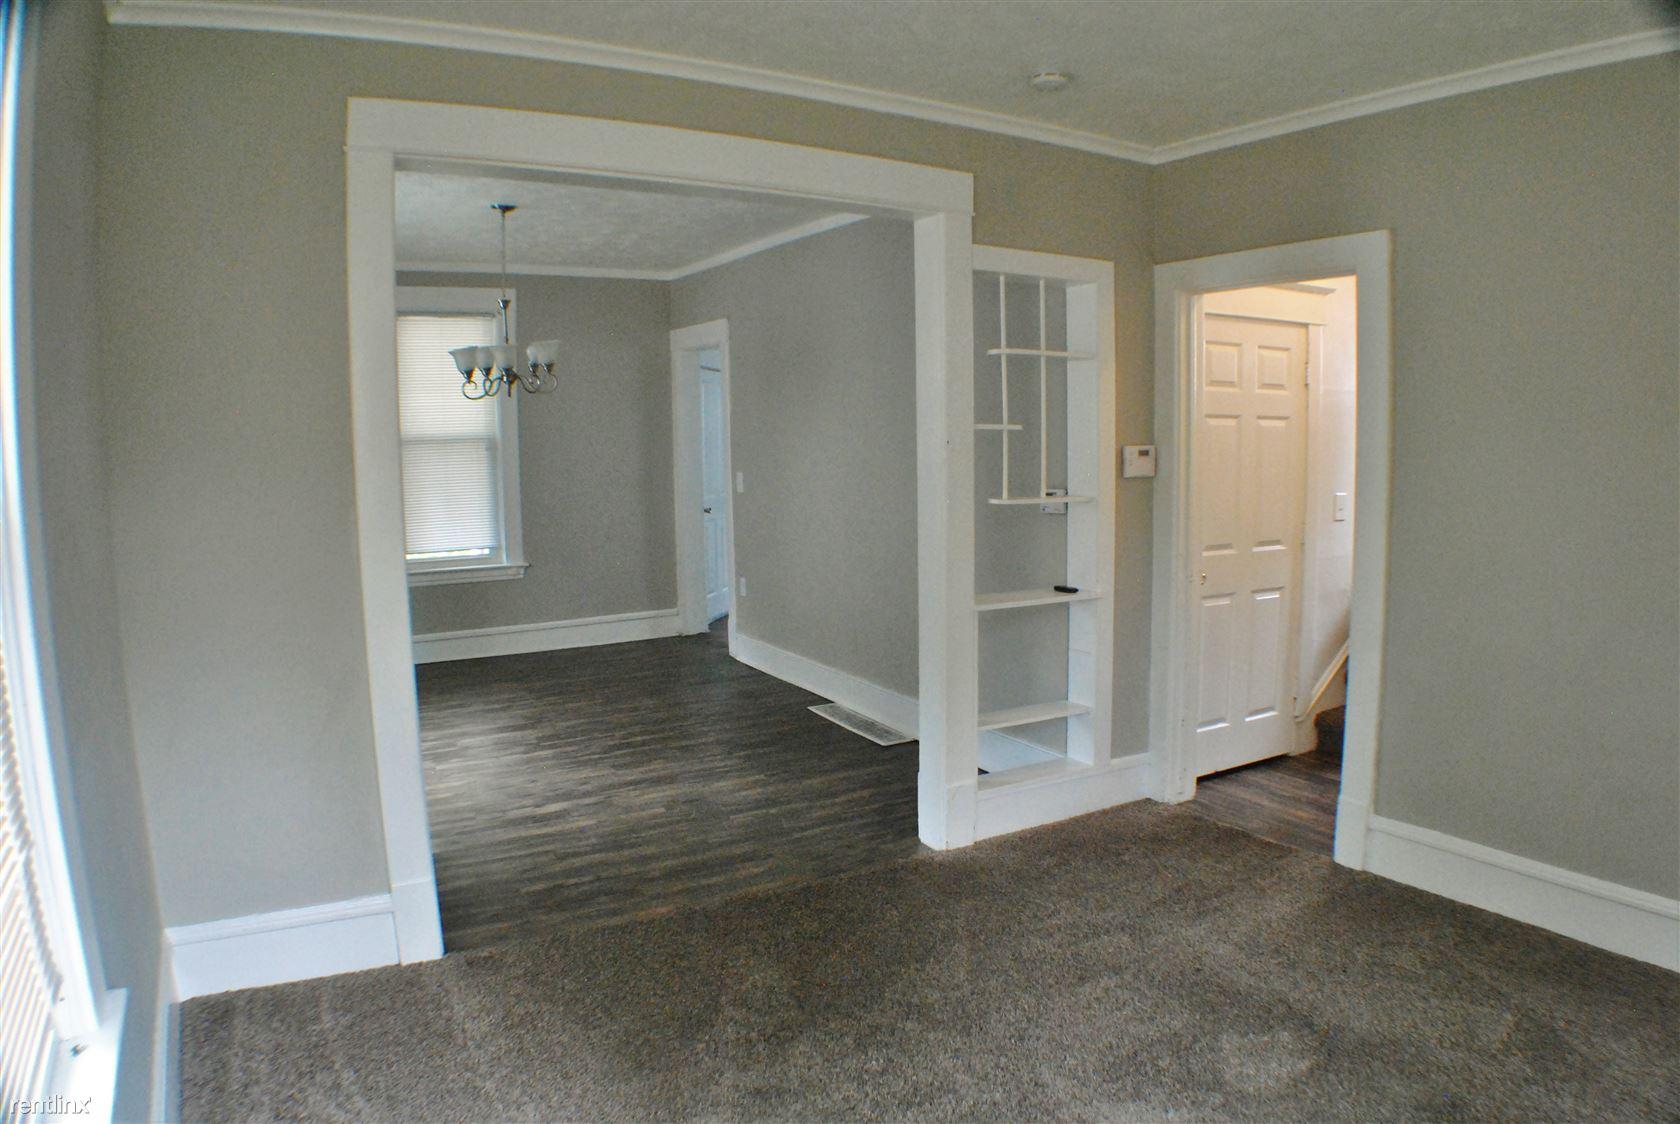 1050 Thomas - Living Room (2)